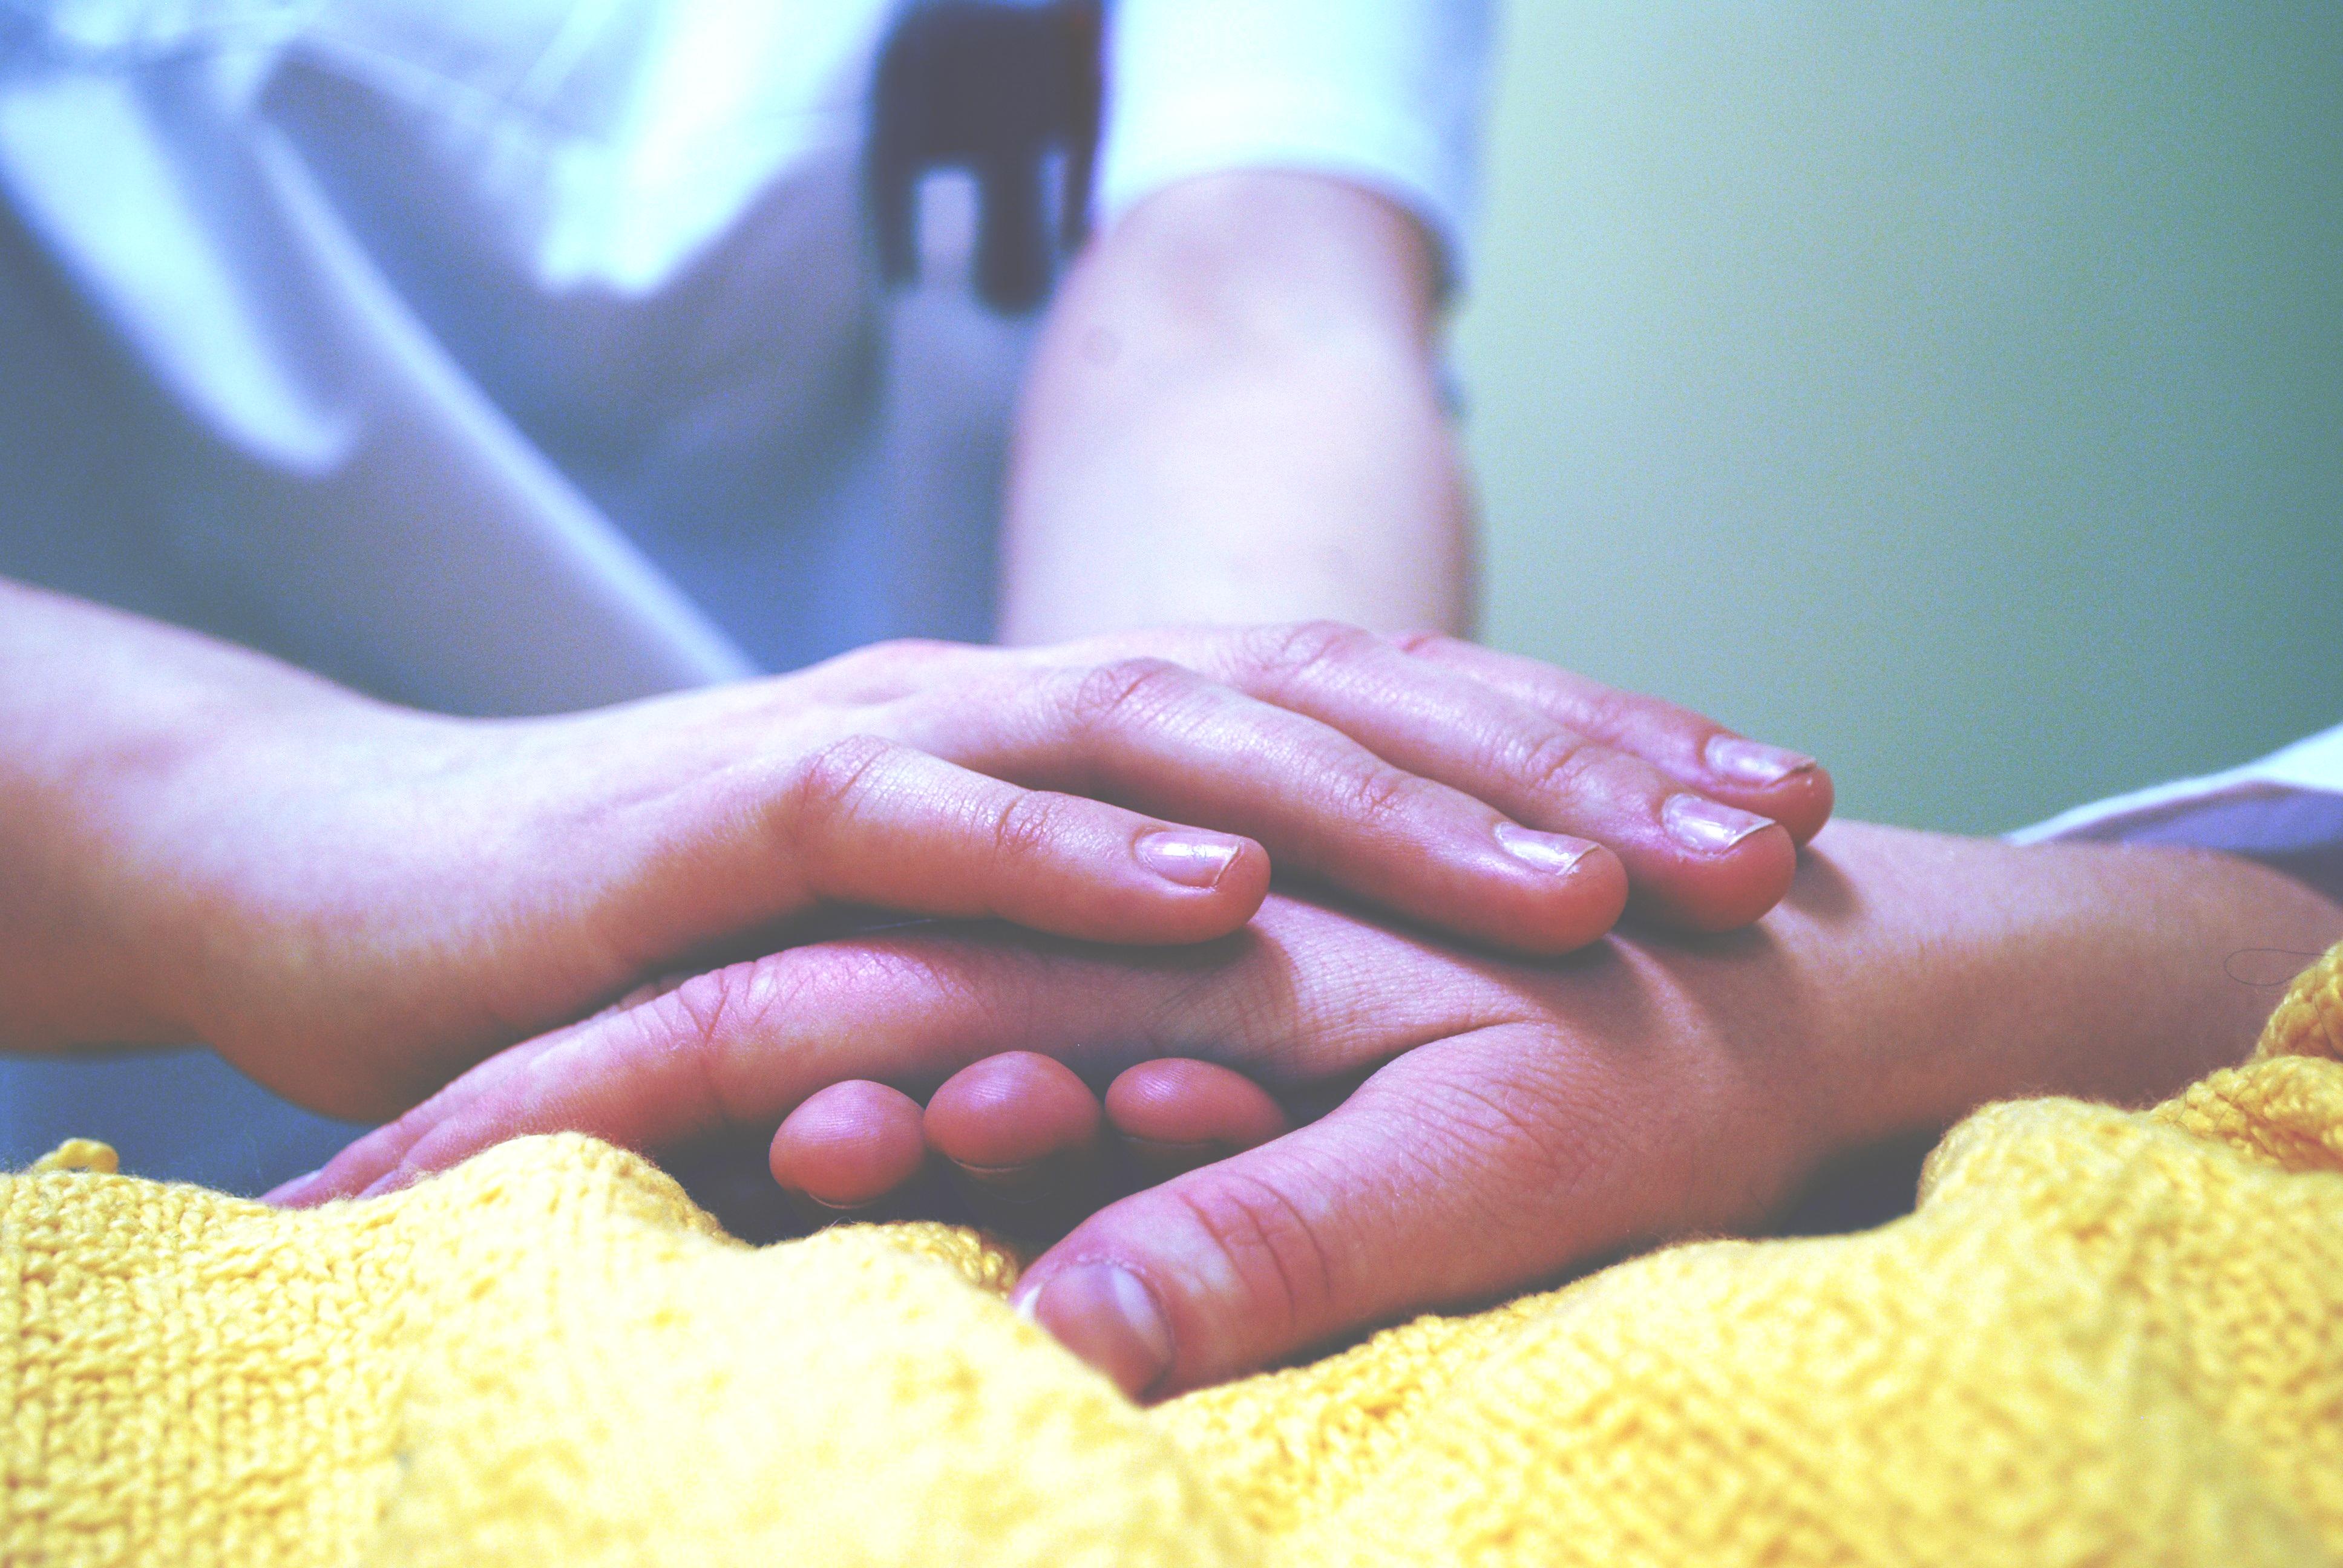 A nurse holding a patient's hand.